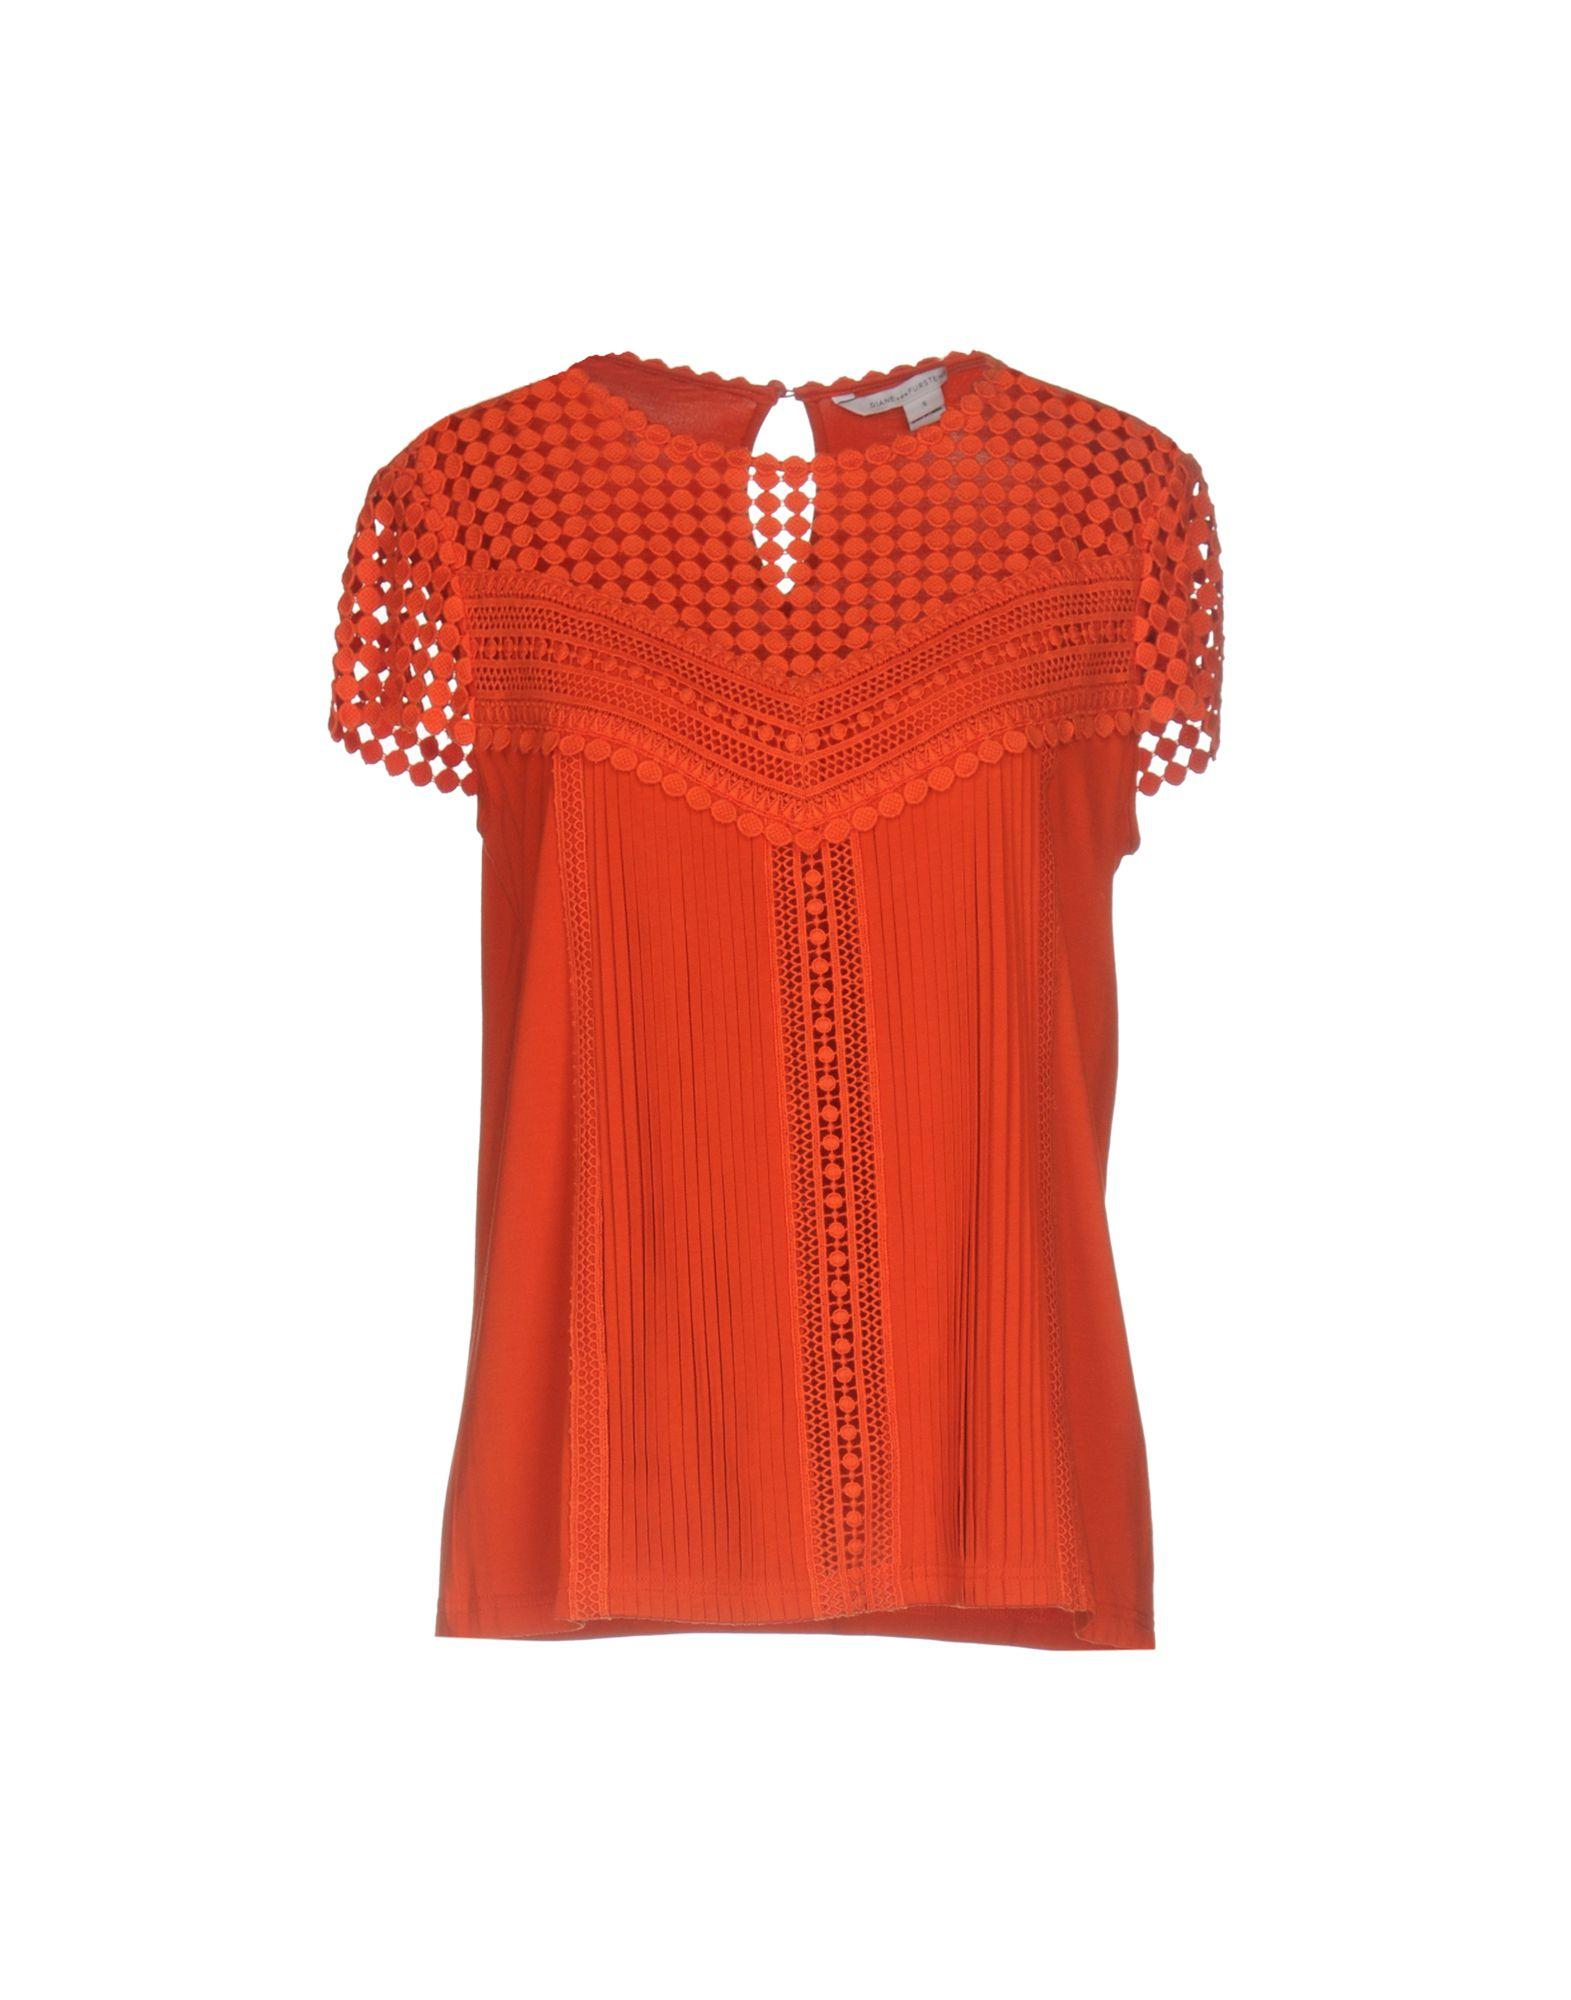 T-Shirt Diane Von Furstenberg Donna - Acquista online su TEYLPwh